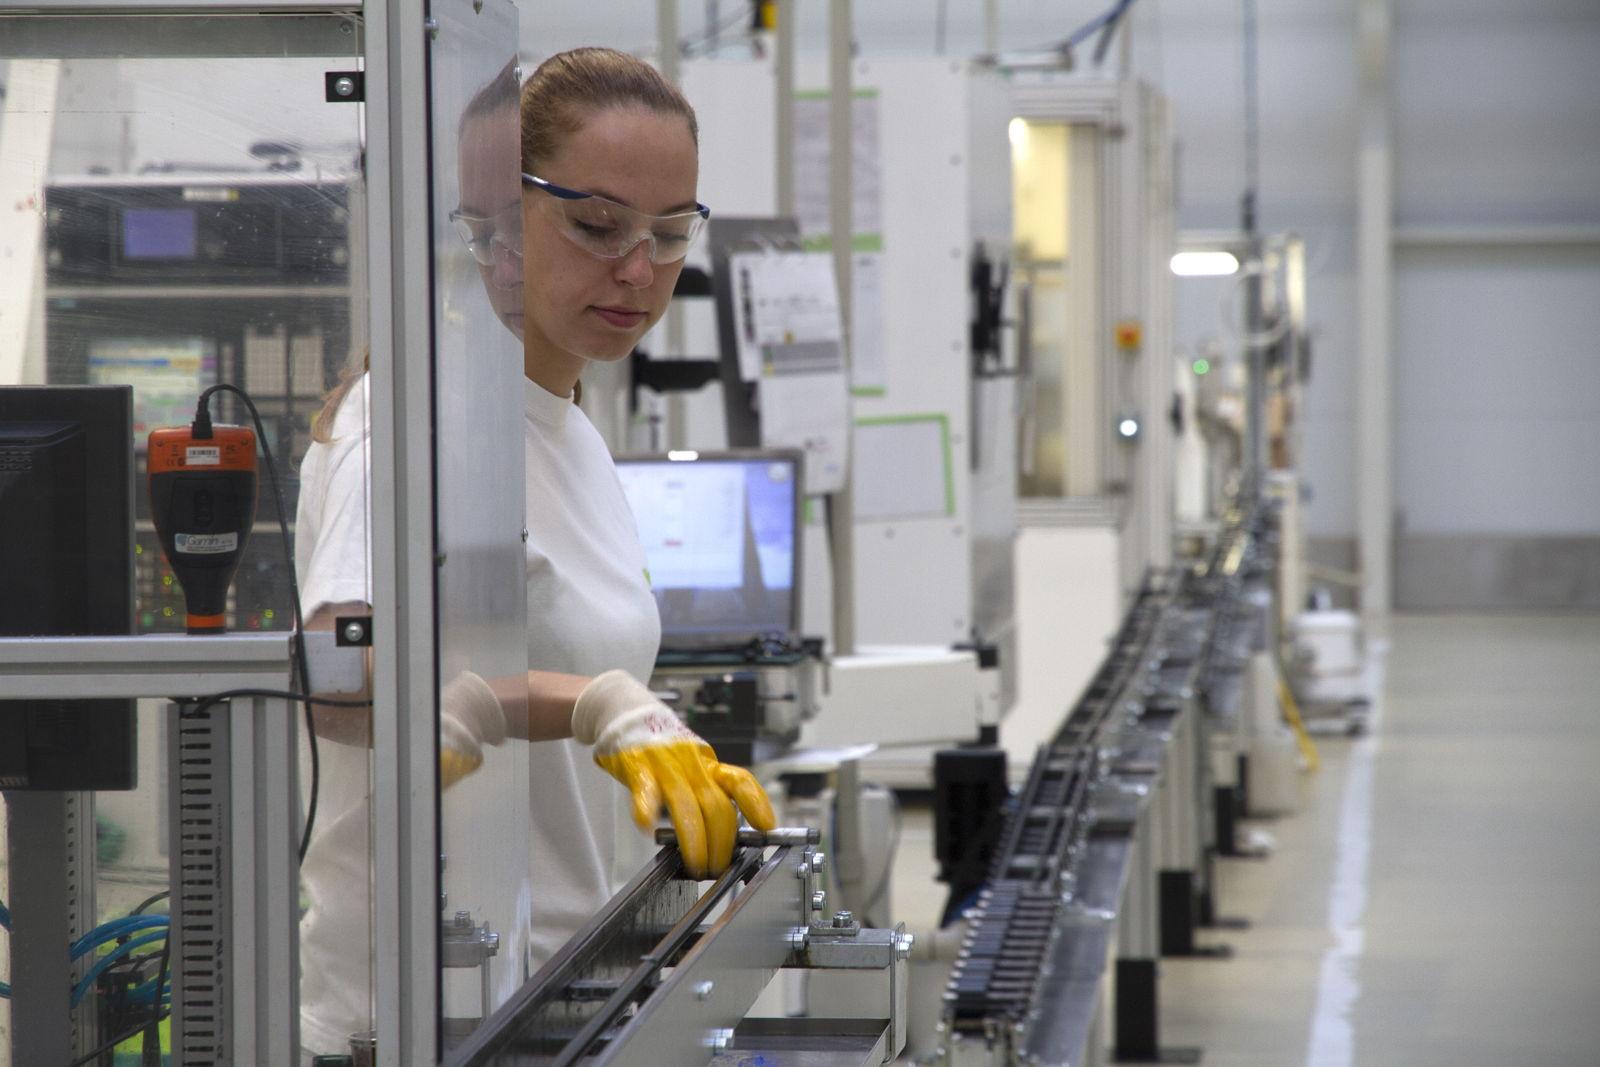 an employee at a Czech Republic plant